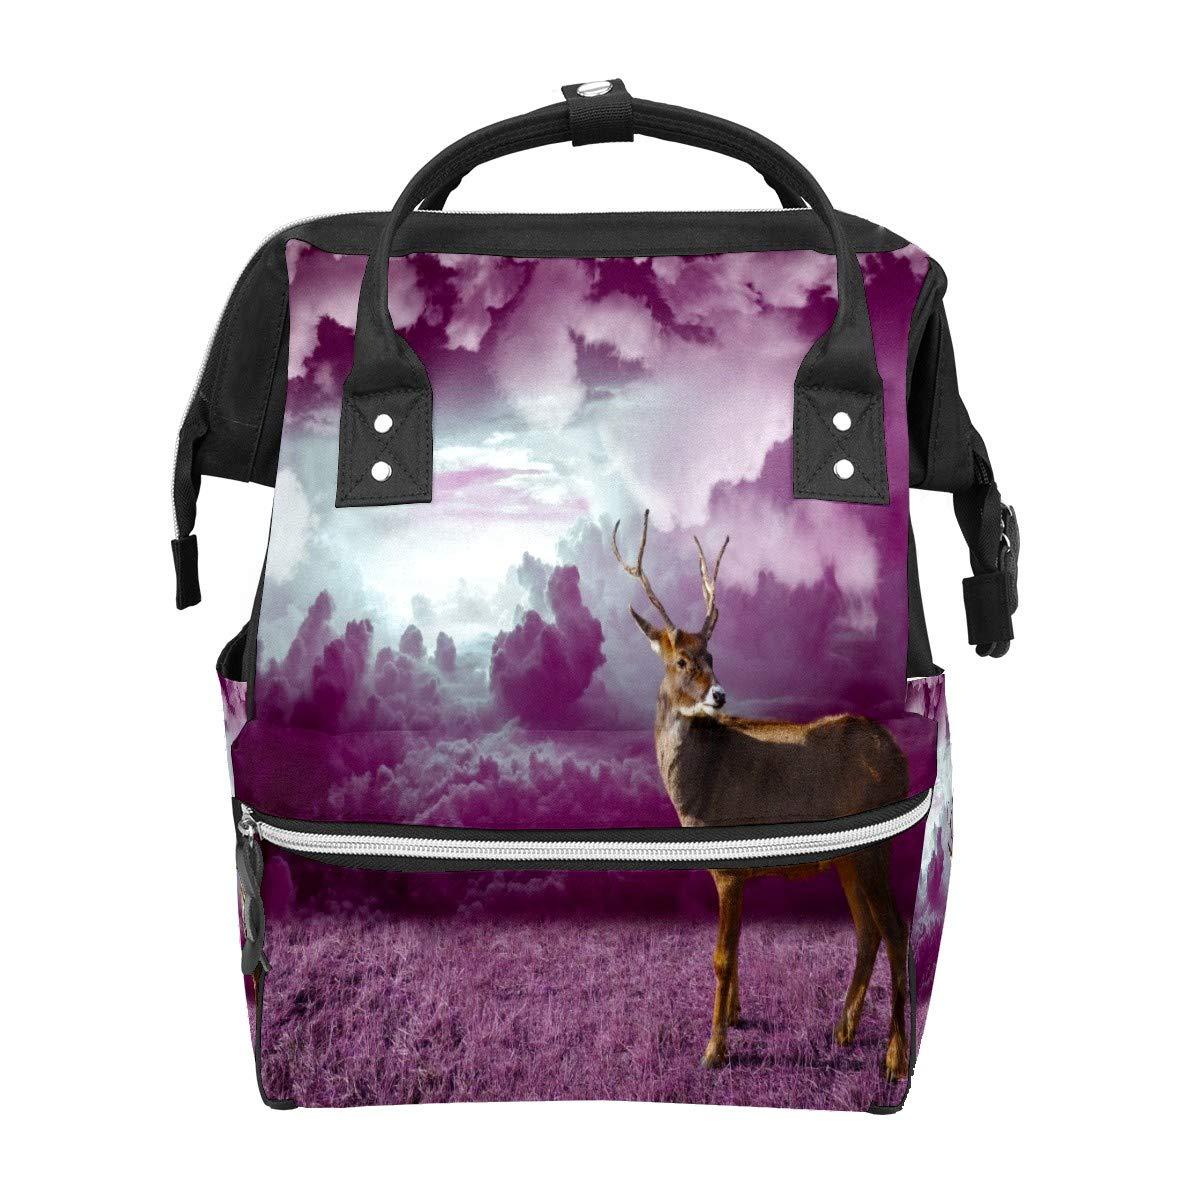 Diaper Bag Backpack Reindeer Winter Christmas Deer Multifunction Travel Back Pack Baby Changing Bags Large Capacity Waterproof Stylish